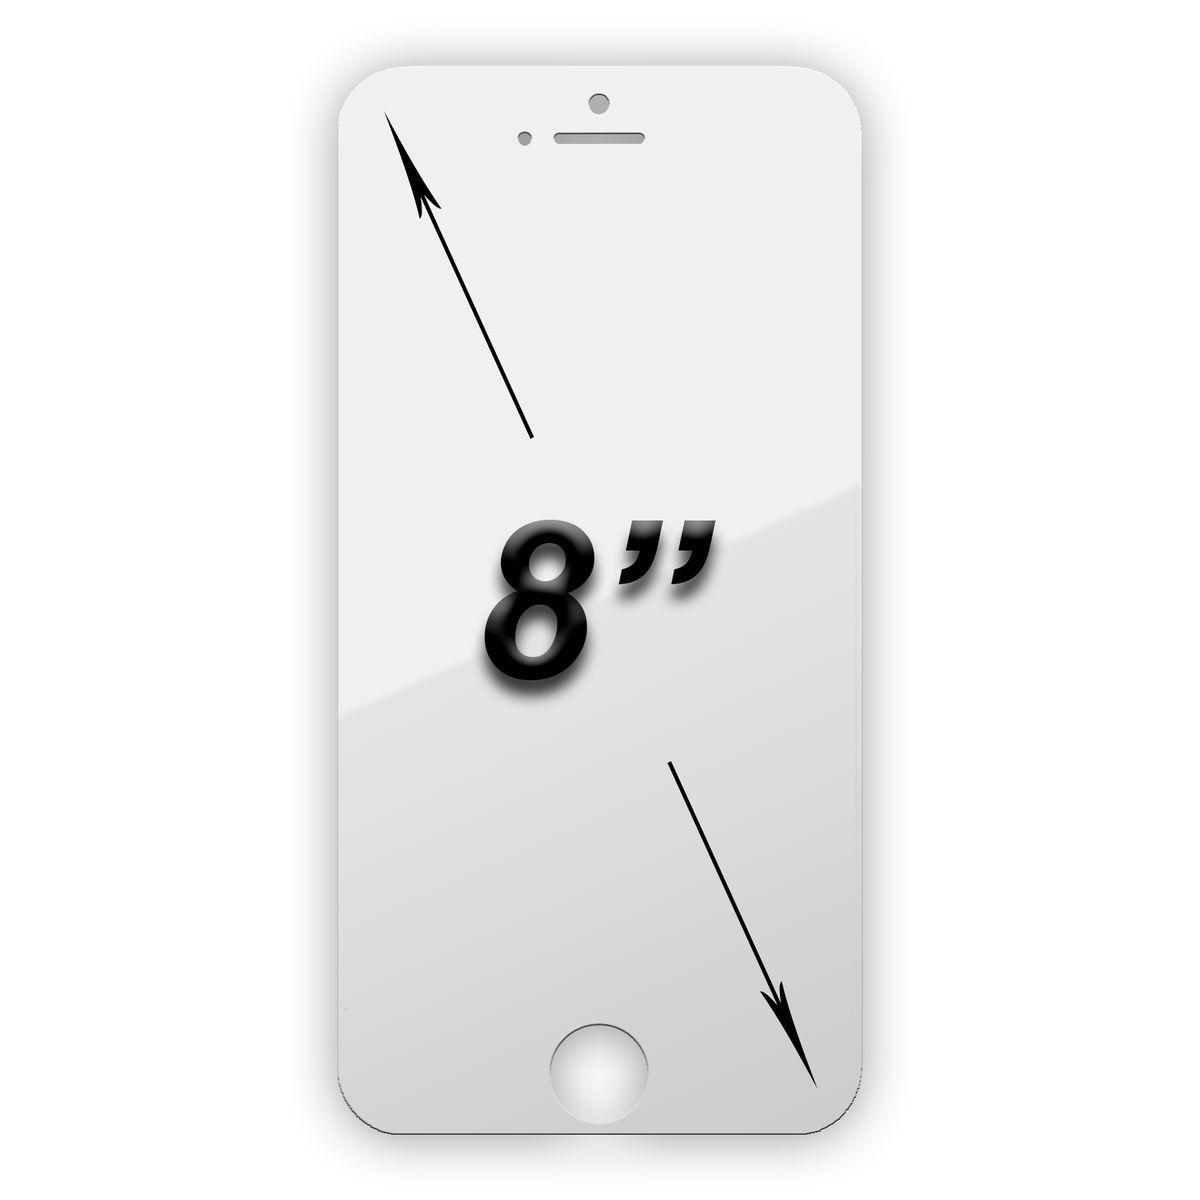 Защитная пленка универсальная для планшета 8